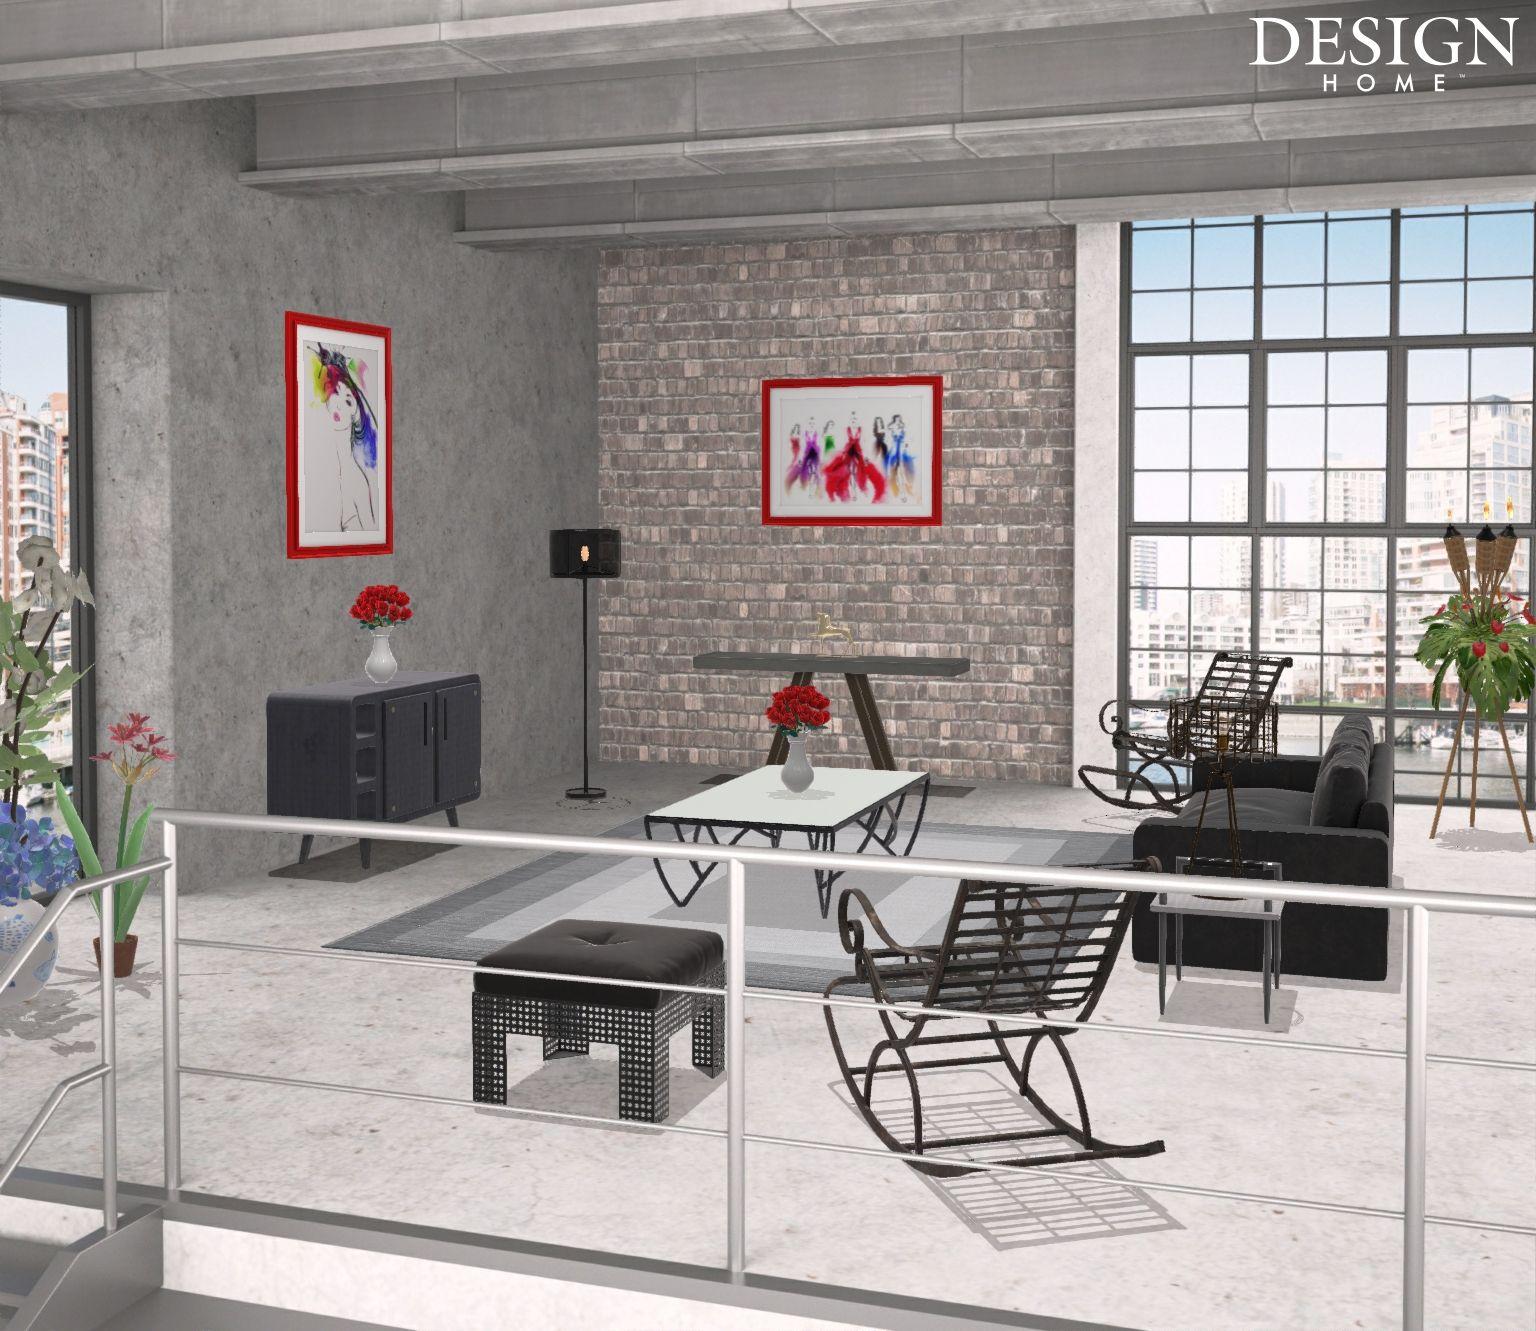 Urban Harbor Studio Wdyt Design Home Pinterest House